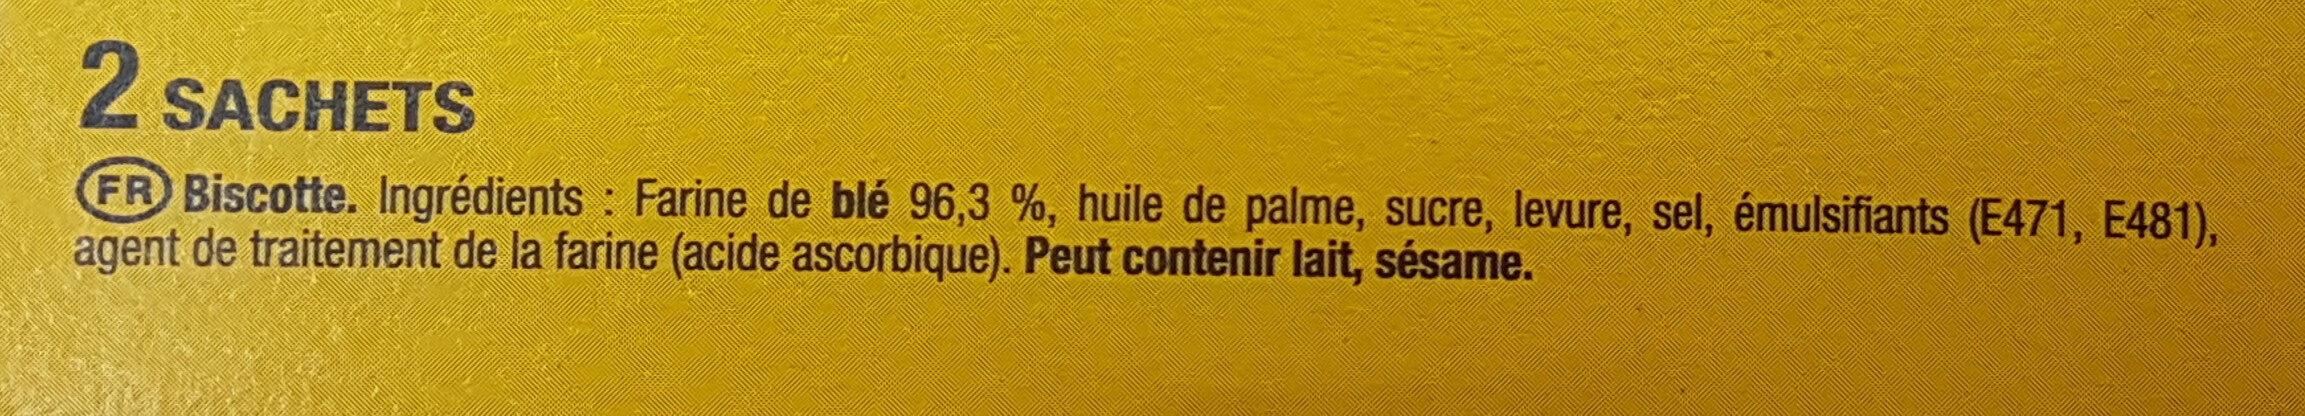 Biscotte Heudebert - Ingredienti - fr